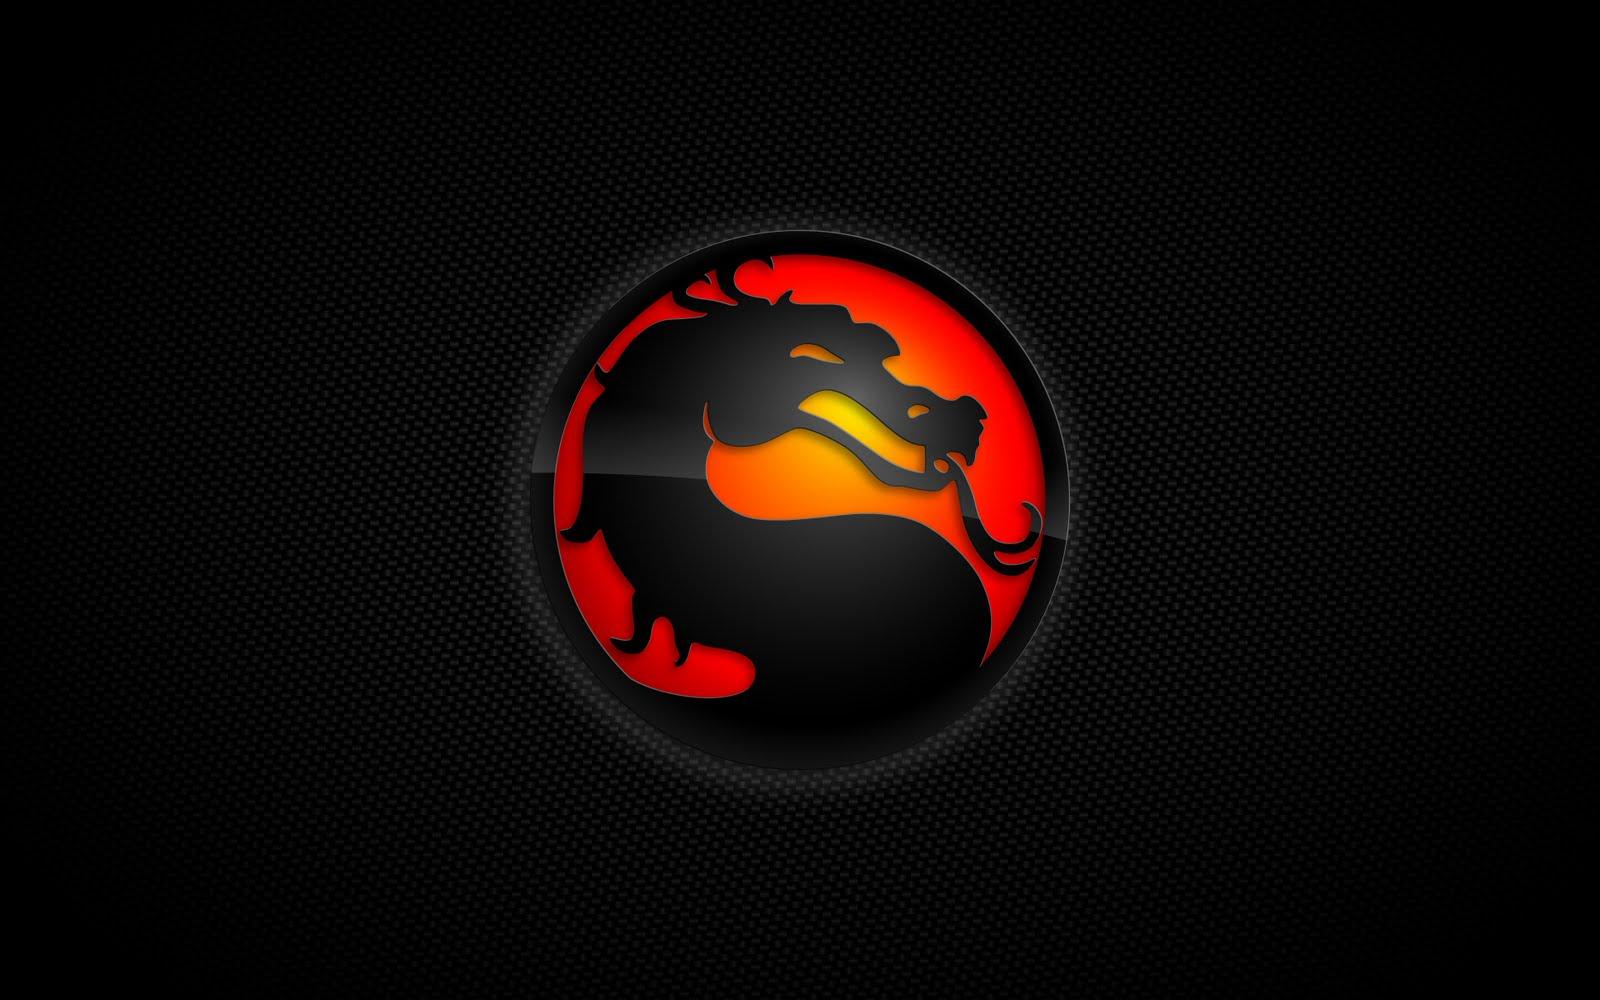 http://1.bp.blogspot.com/--GHlPpsNWss/TardafczY_I/AAAAAAAAA9o/LoEOy9PnJPY/s1600/Mortal_Kombat_Wallpaper_by_SpazChicken.jpg